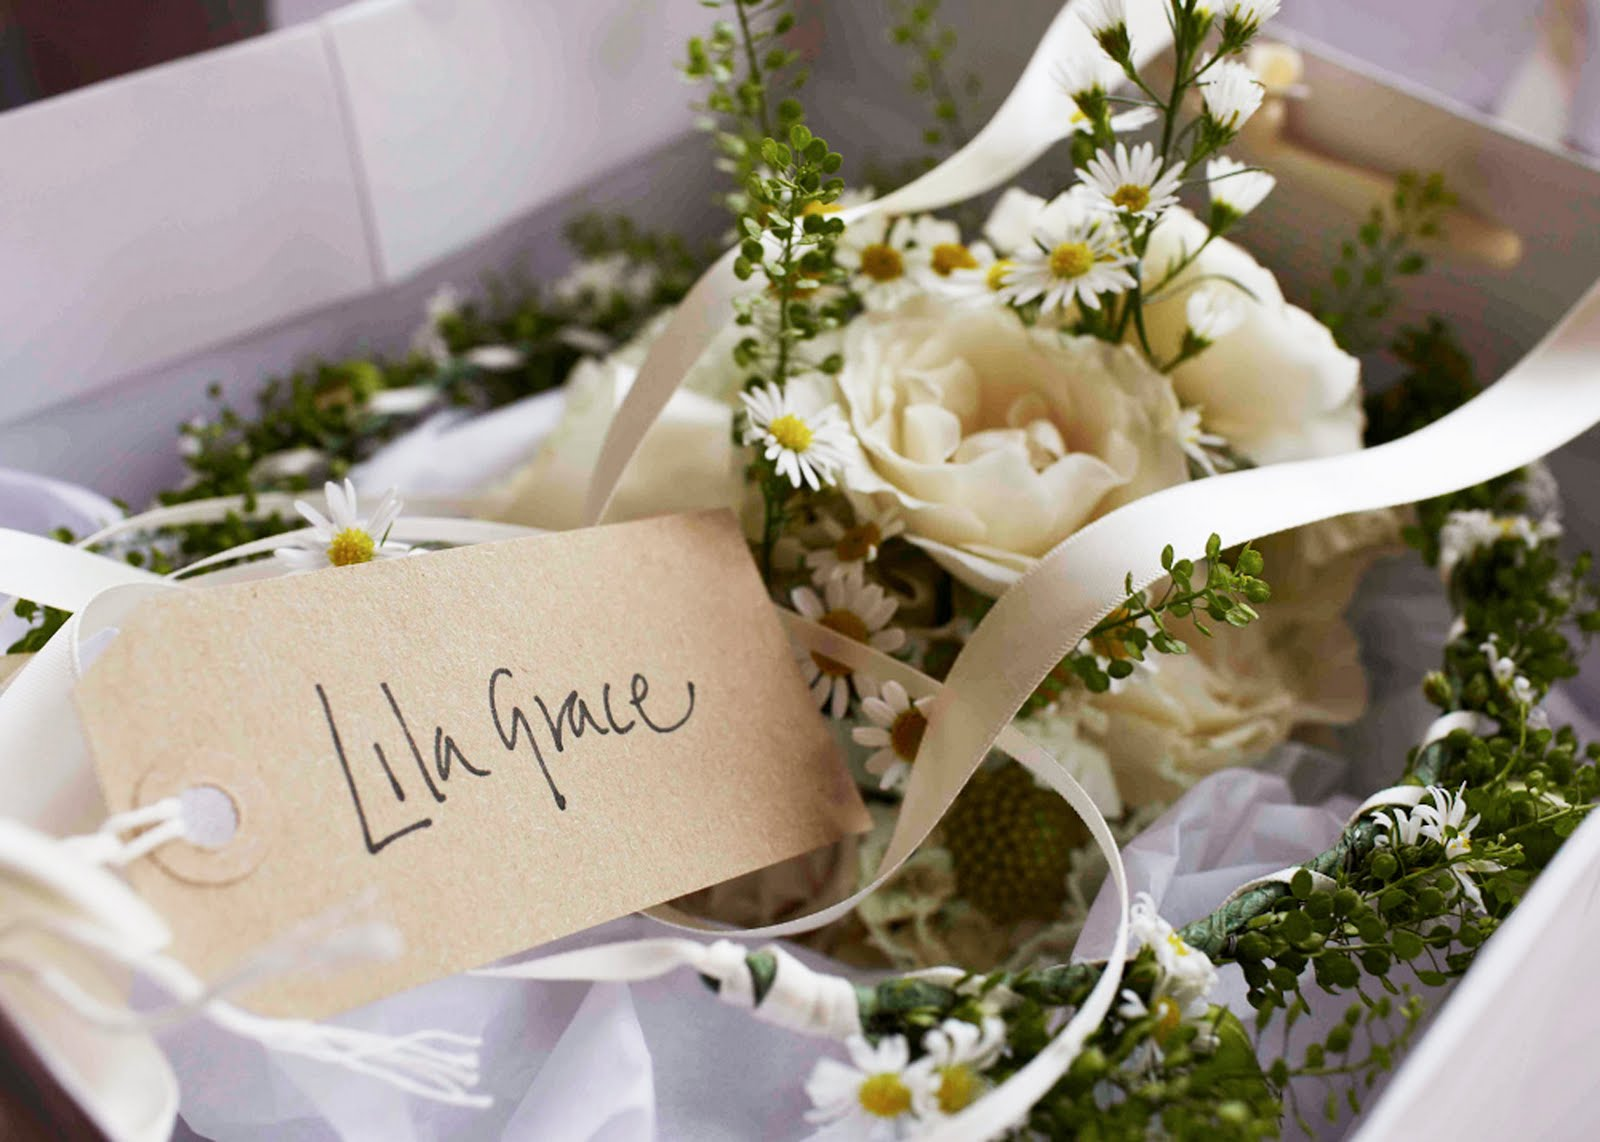 http://3.bp.blogspot.com/-U3-_dmg91iw/Tka2bSwDn6I/AAAAAAAAAGM/jzPS3-DxTIE/s1600/outtakes-kate-moss-028_160031705045.jpg